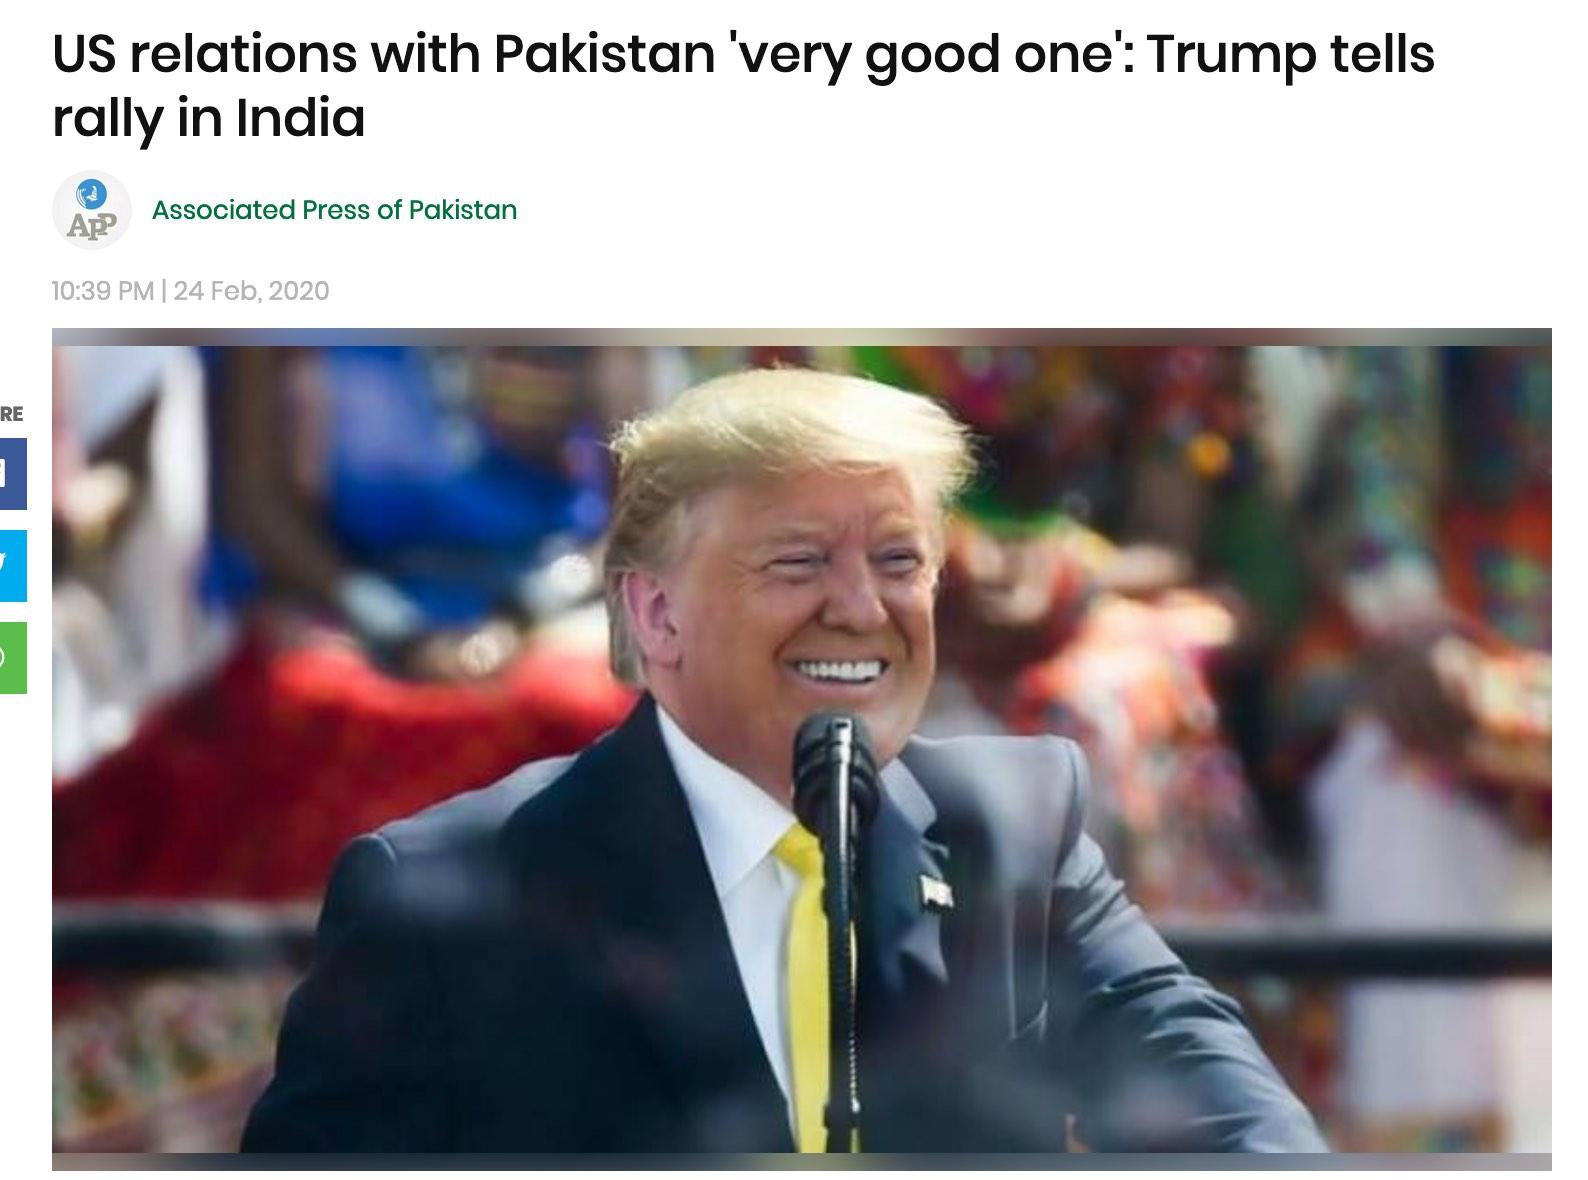 """当着数万印度民众的面 特朗普说""""我们与巴基斯坦关系非常好"""""""